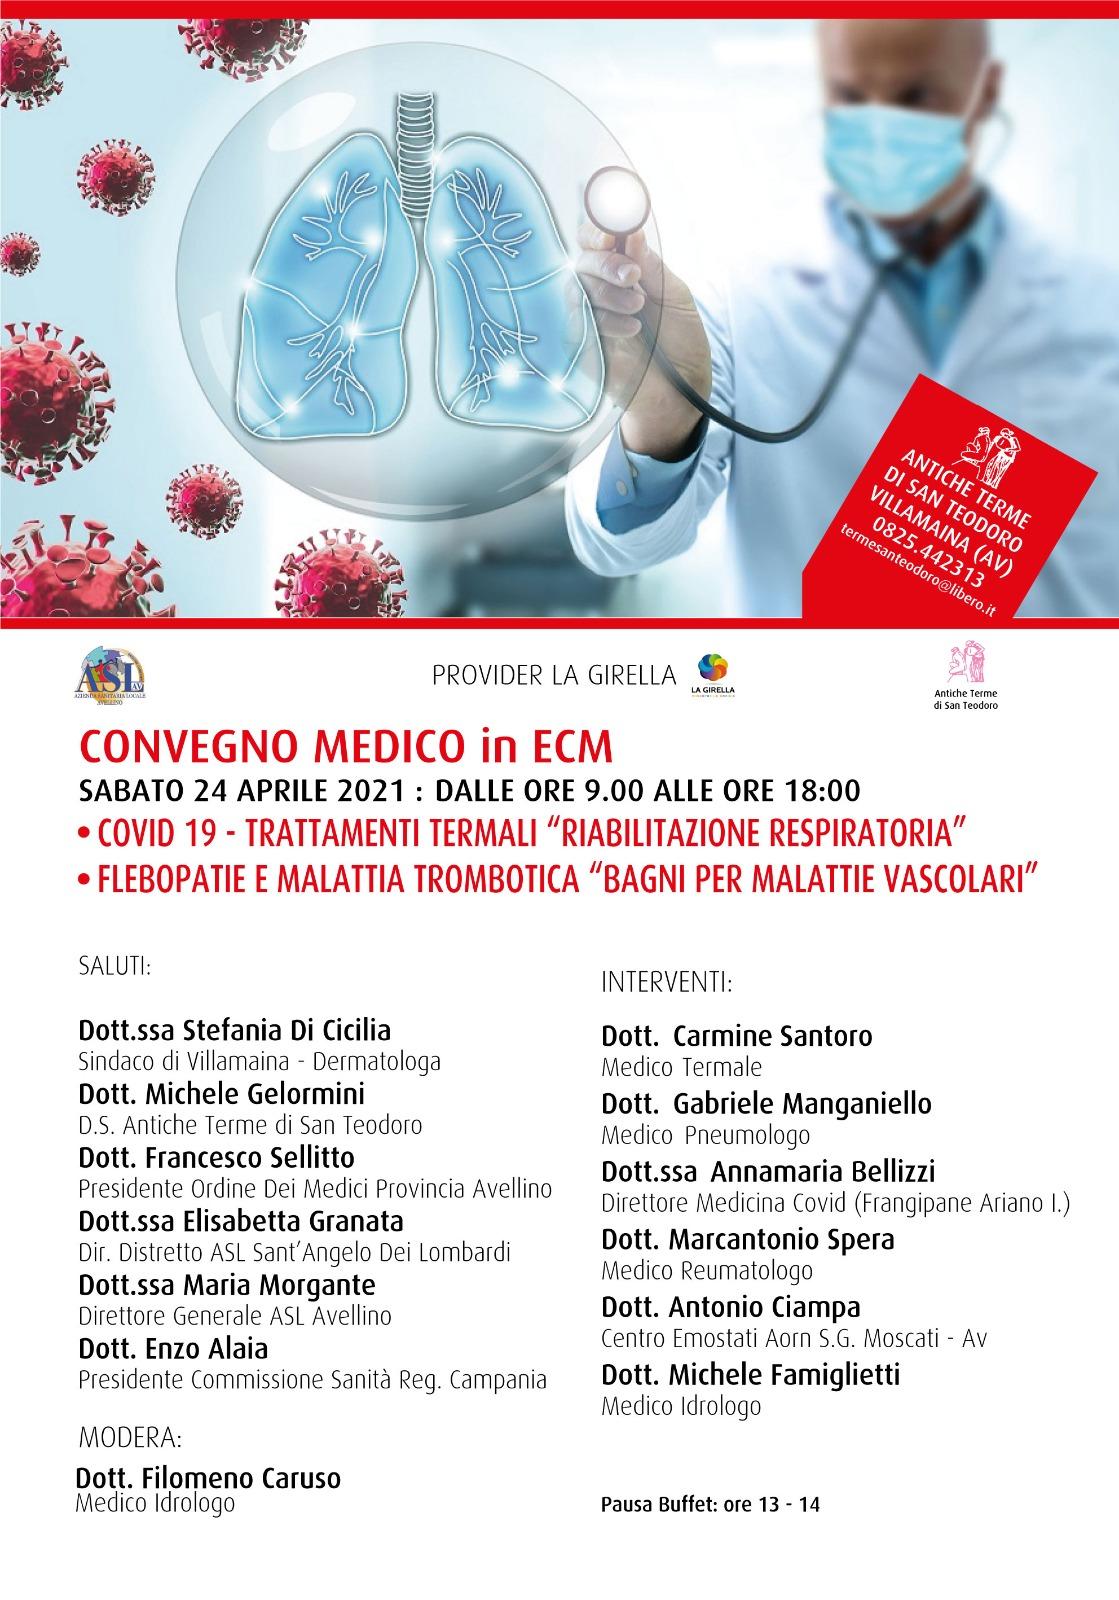 Convegno Medico in ECM